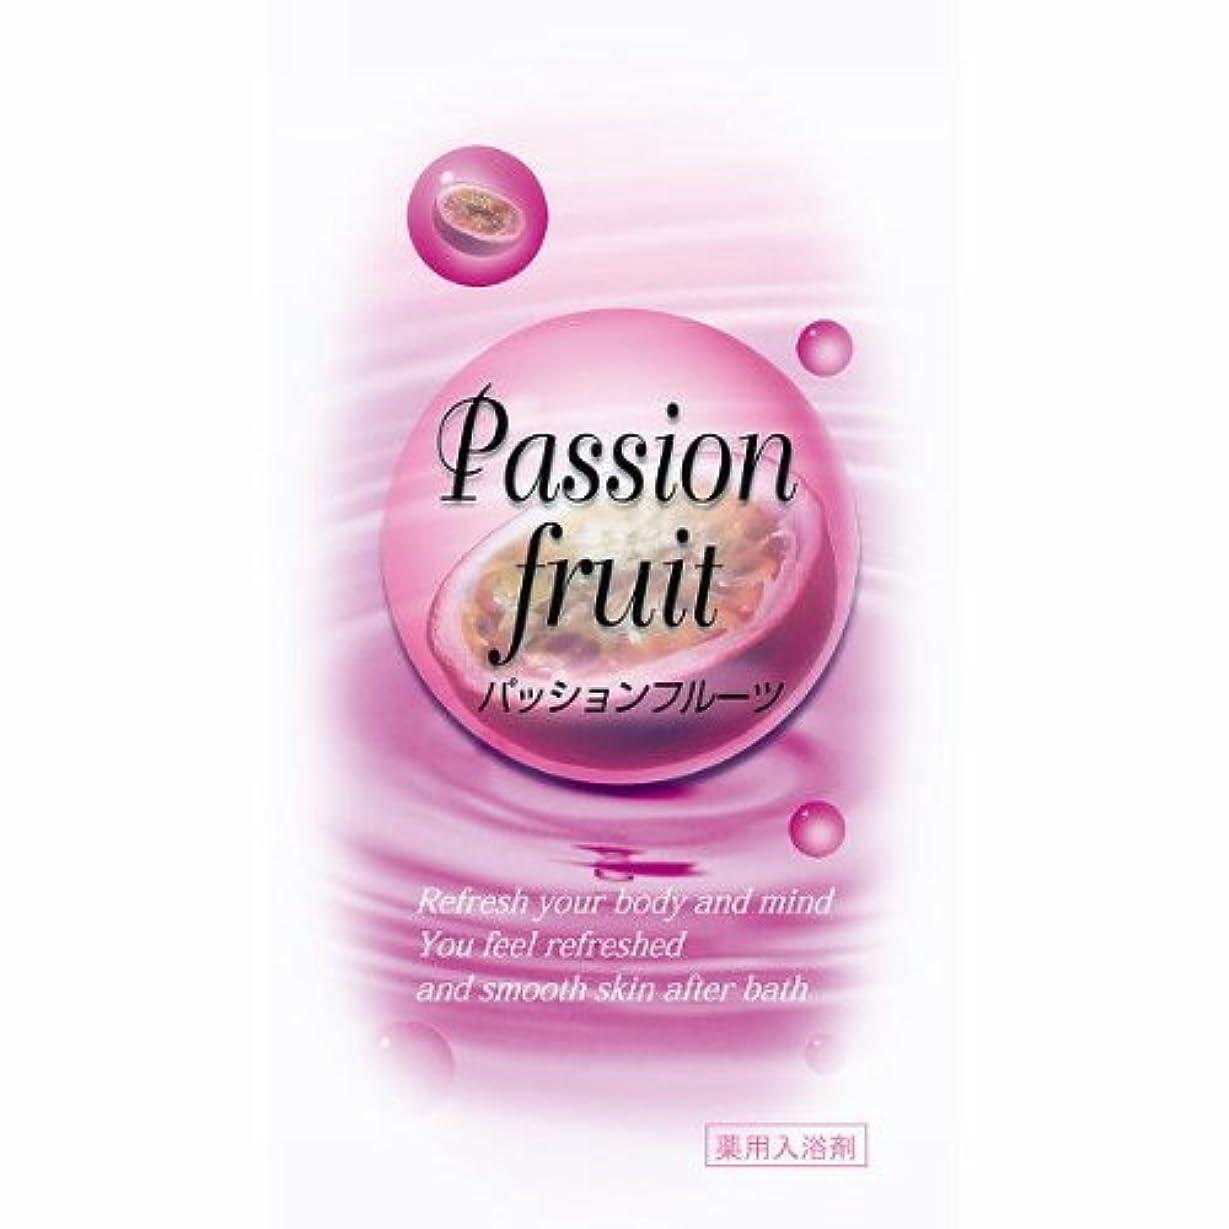 ダイジェスト農業のスーパートプラン入浴剤 パッションフルーツの香り